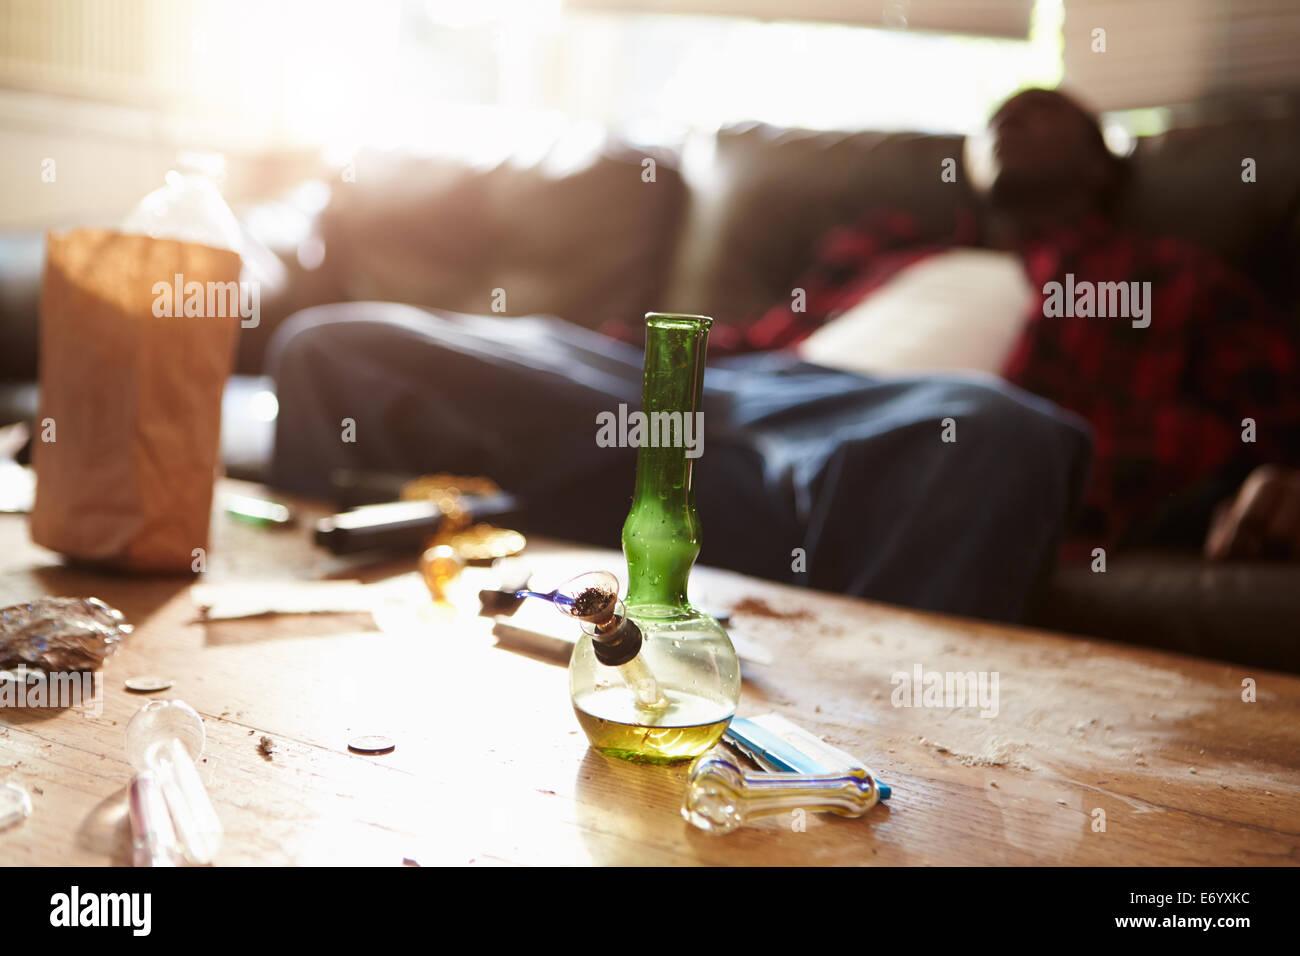 L'uomo crollati sul divano con il farmaco Paraphernalia in primo piano Immagini Stock